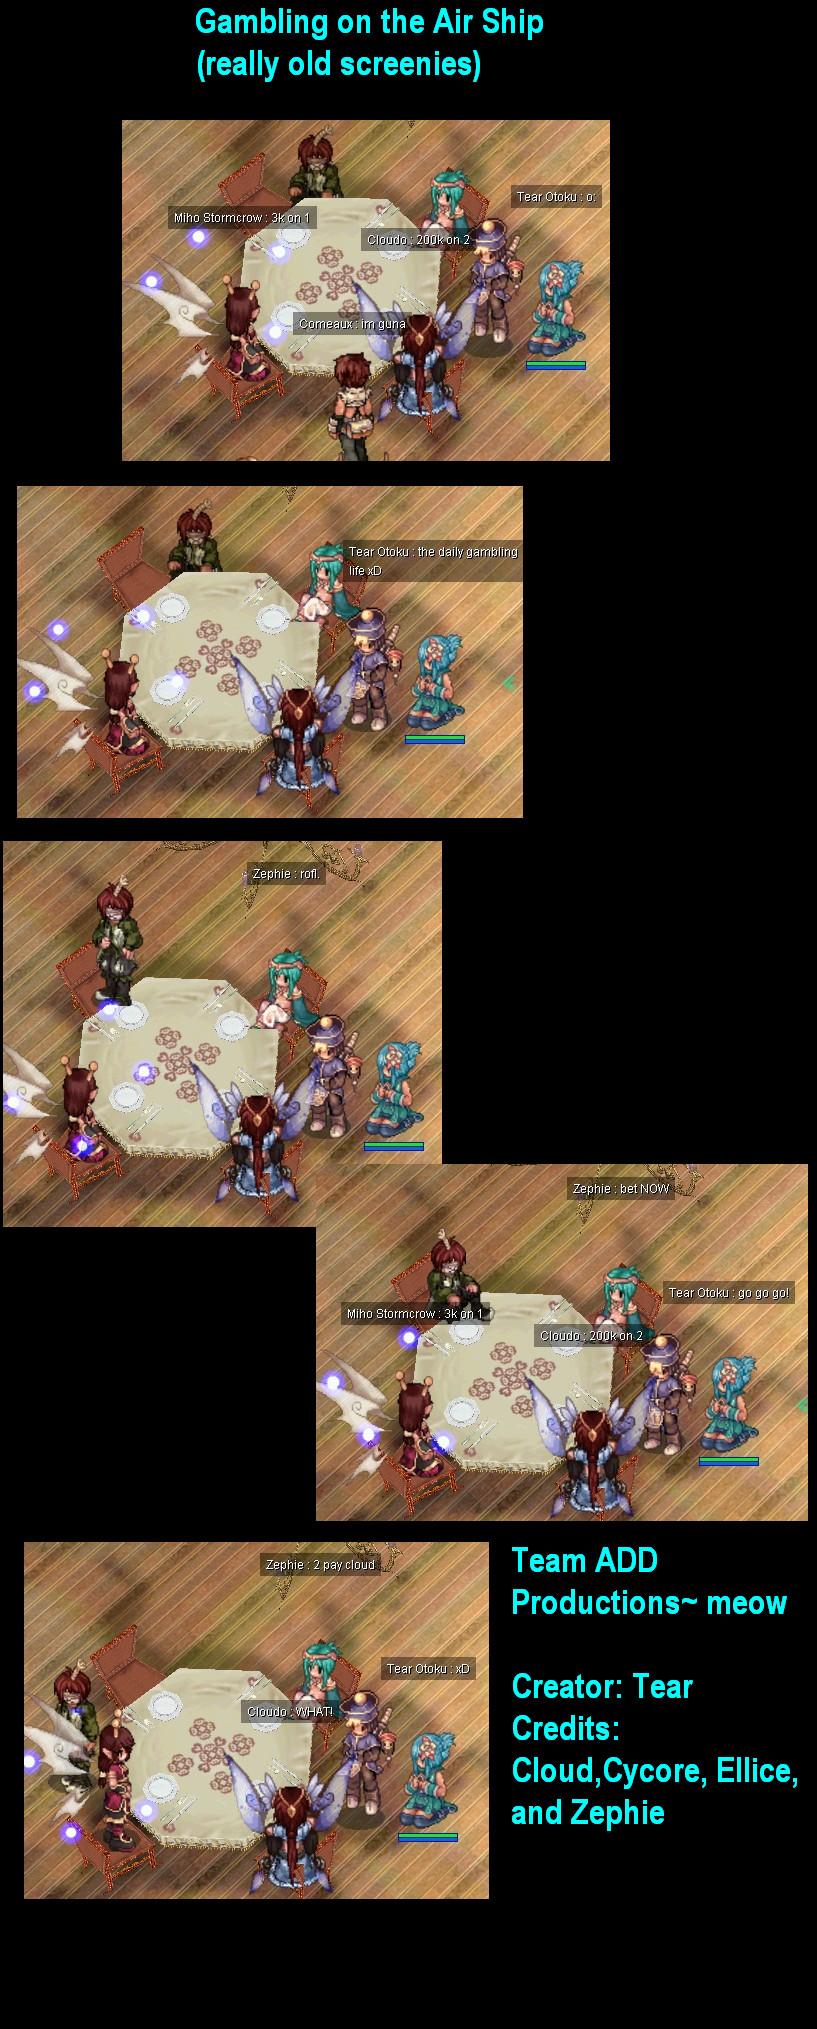 Gambling on the Airship Gambling_on_the_Airship_by_Tear_Otoku